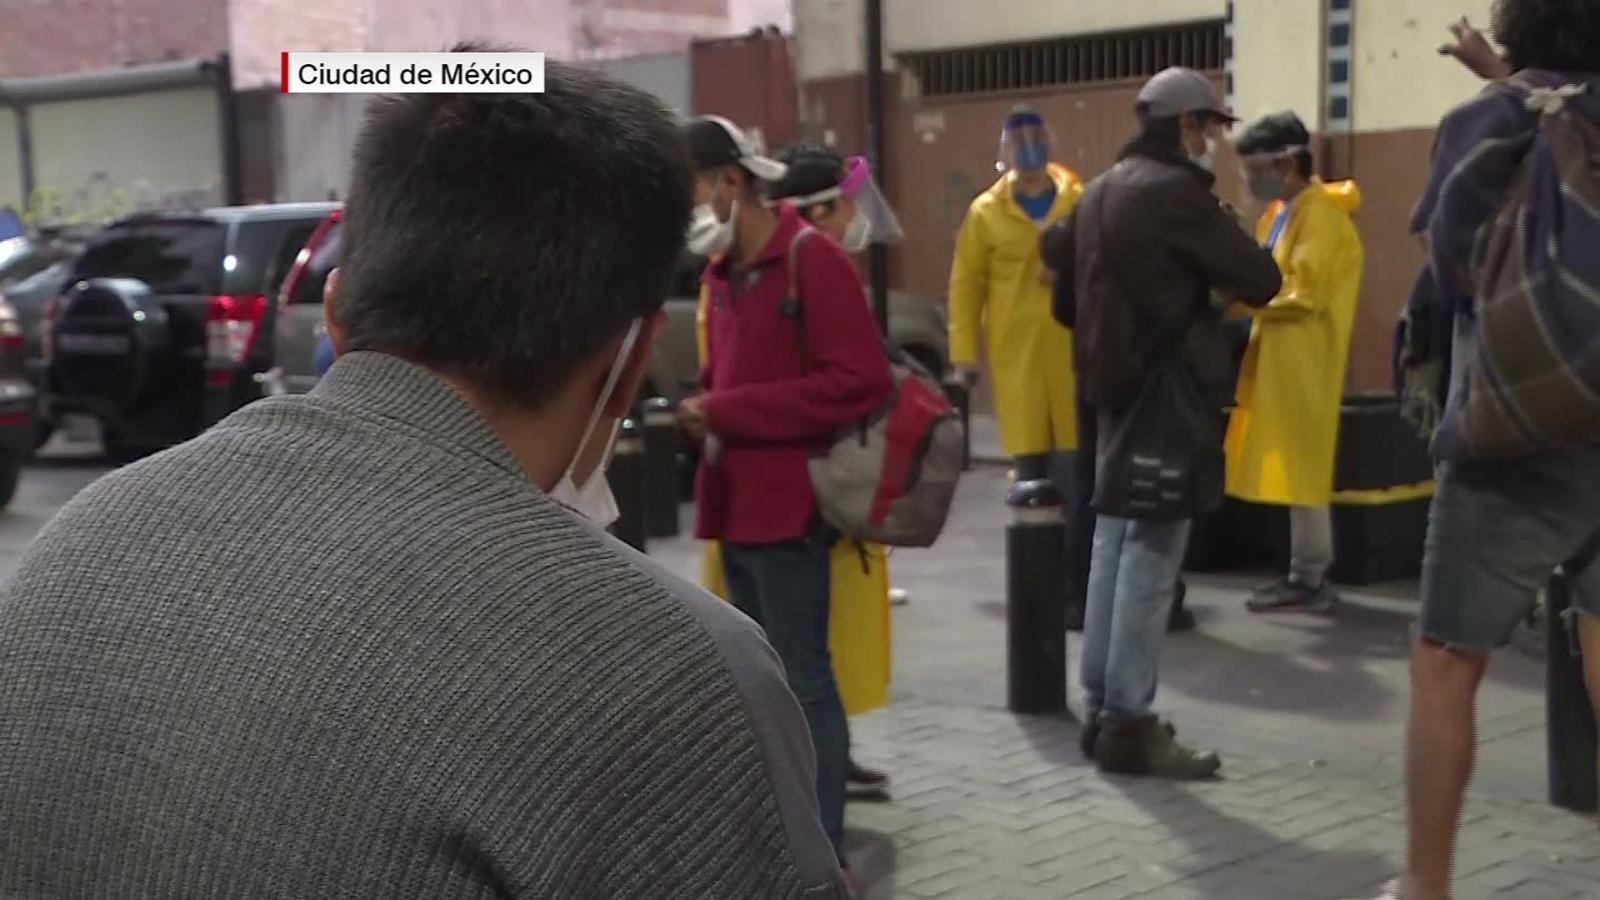 La solidaridad de los mexicanos durante la pandemia